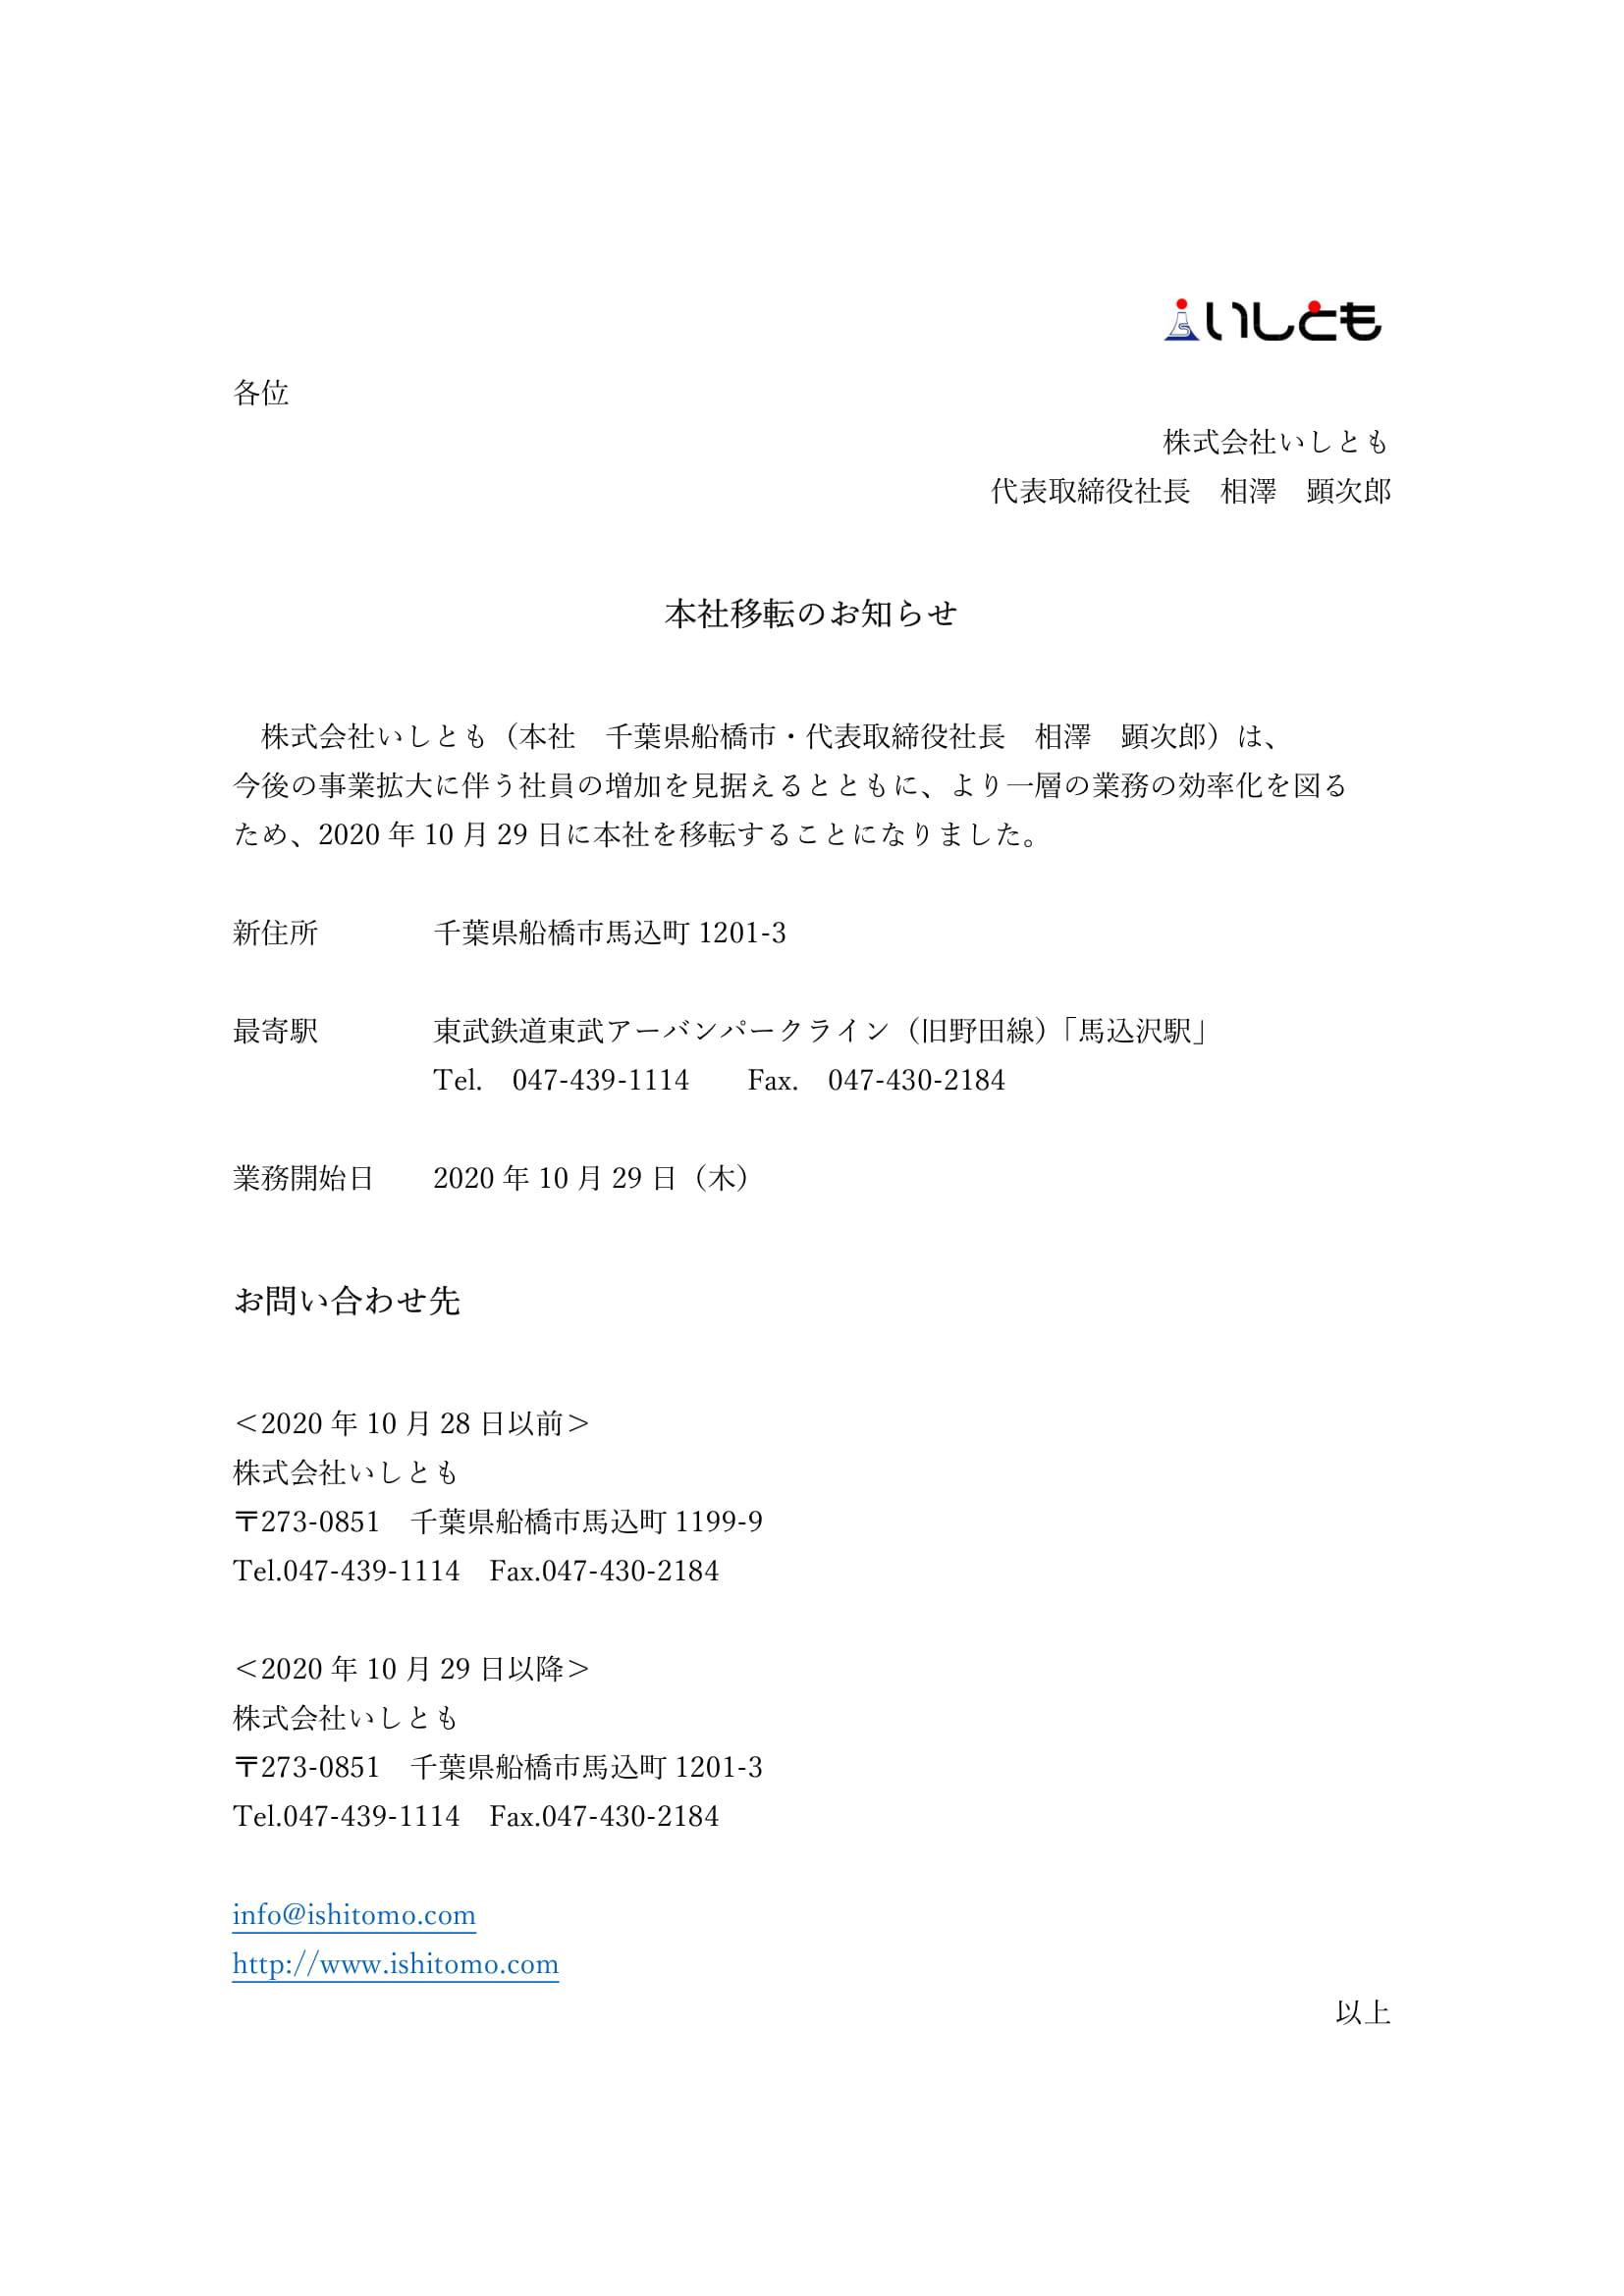 本社移転のお知らせ | 〈いしとも公式サイト〉千葉のお墓 葬儀 家族葬